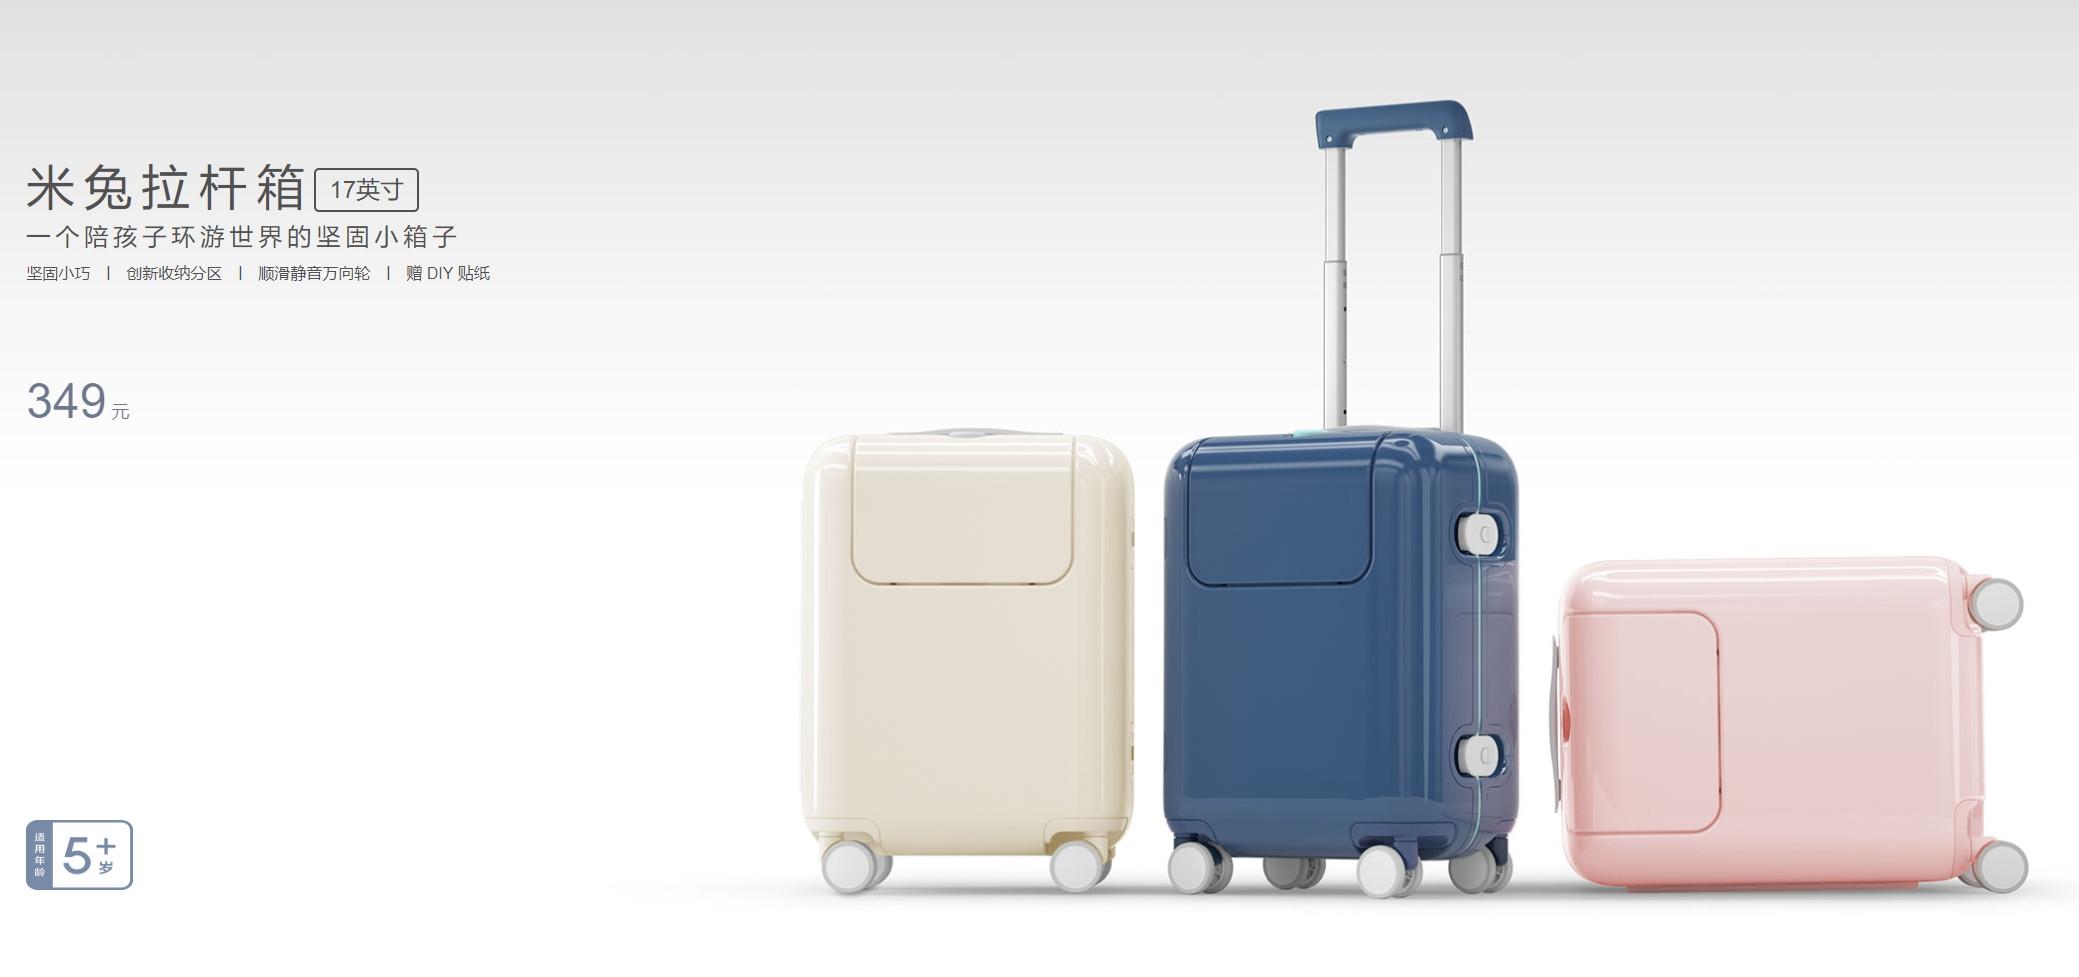 La nueva maleta para niños Xiaomi Mi Bunny Trolley fue lanzada